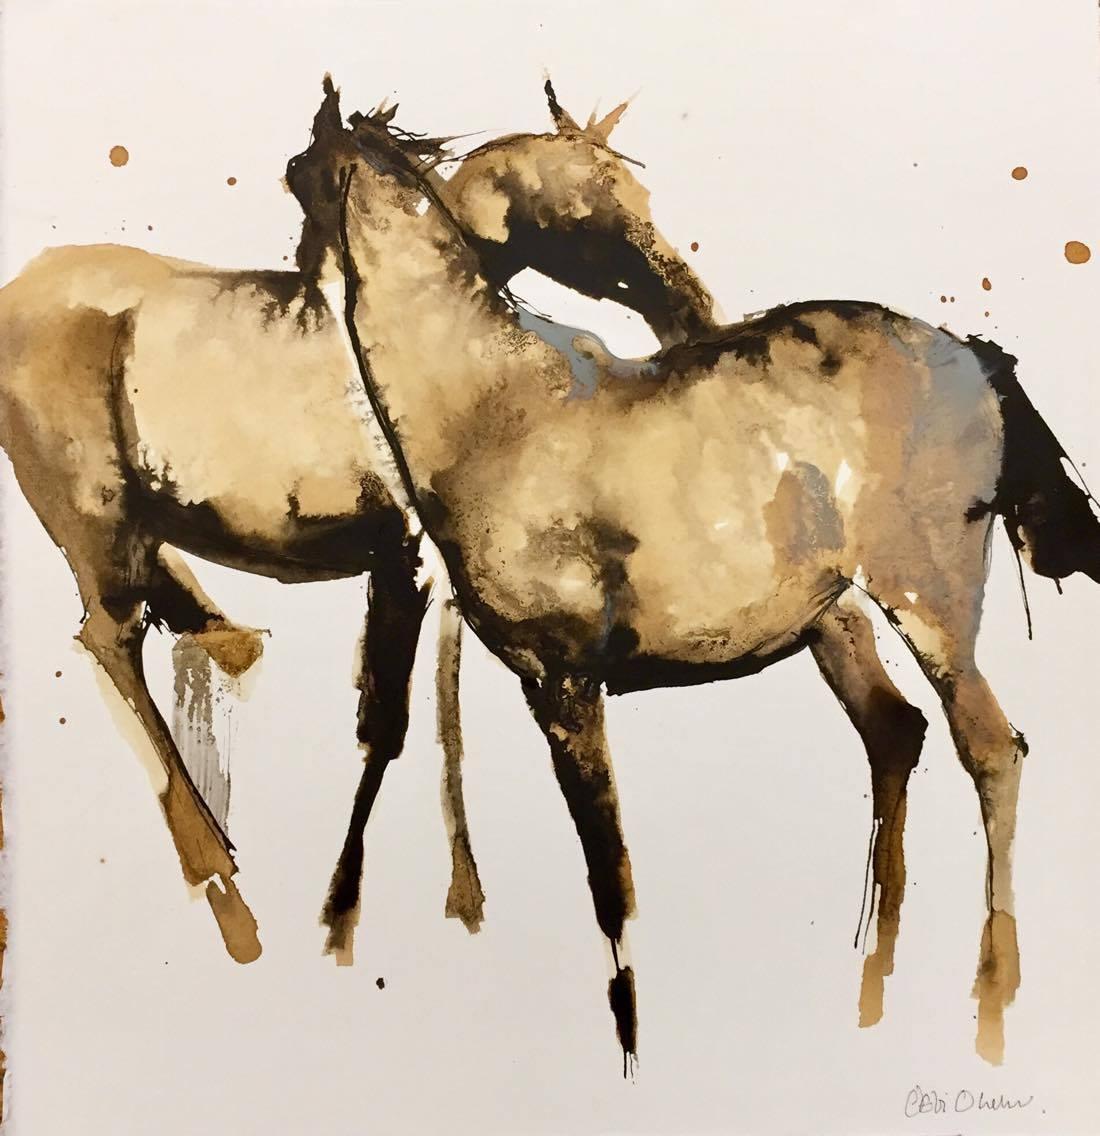 Nuzzling by Debi O'Hehir